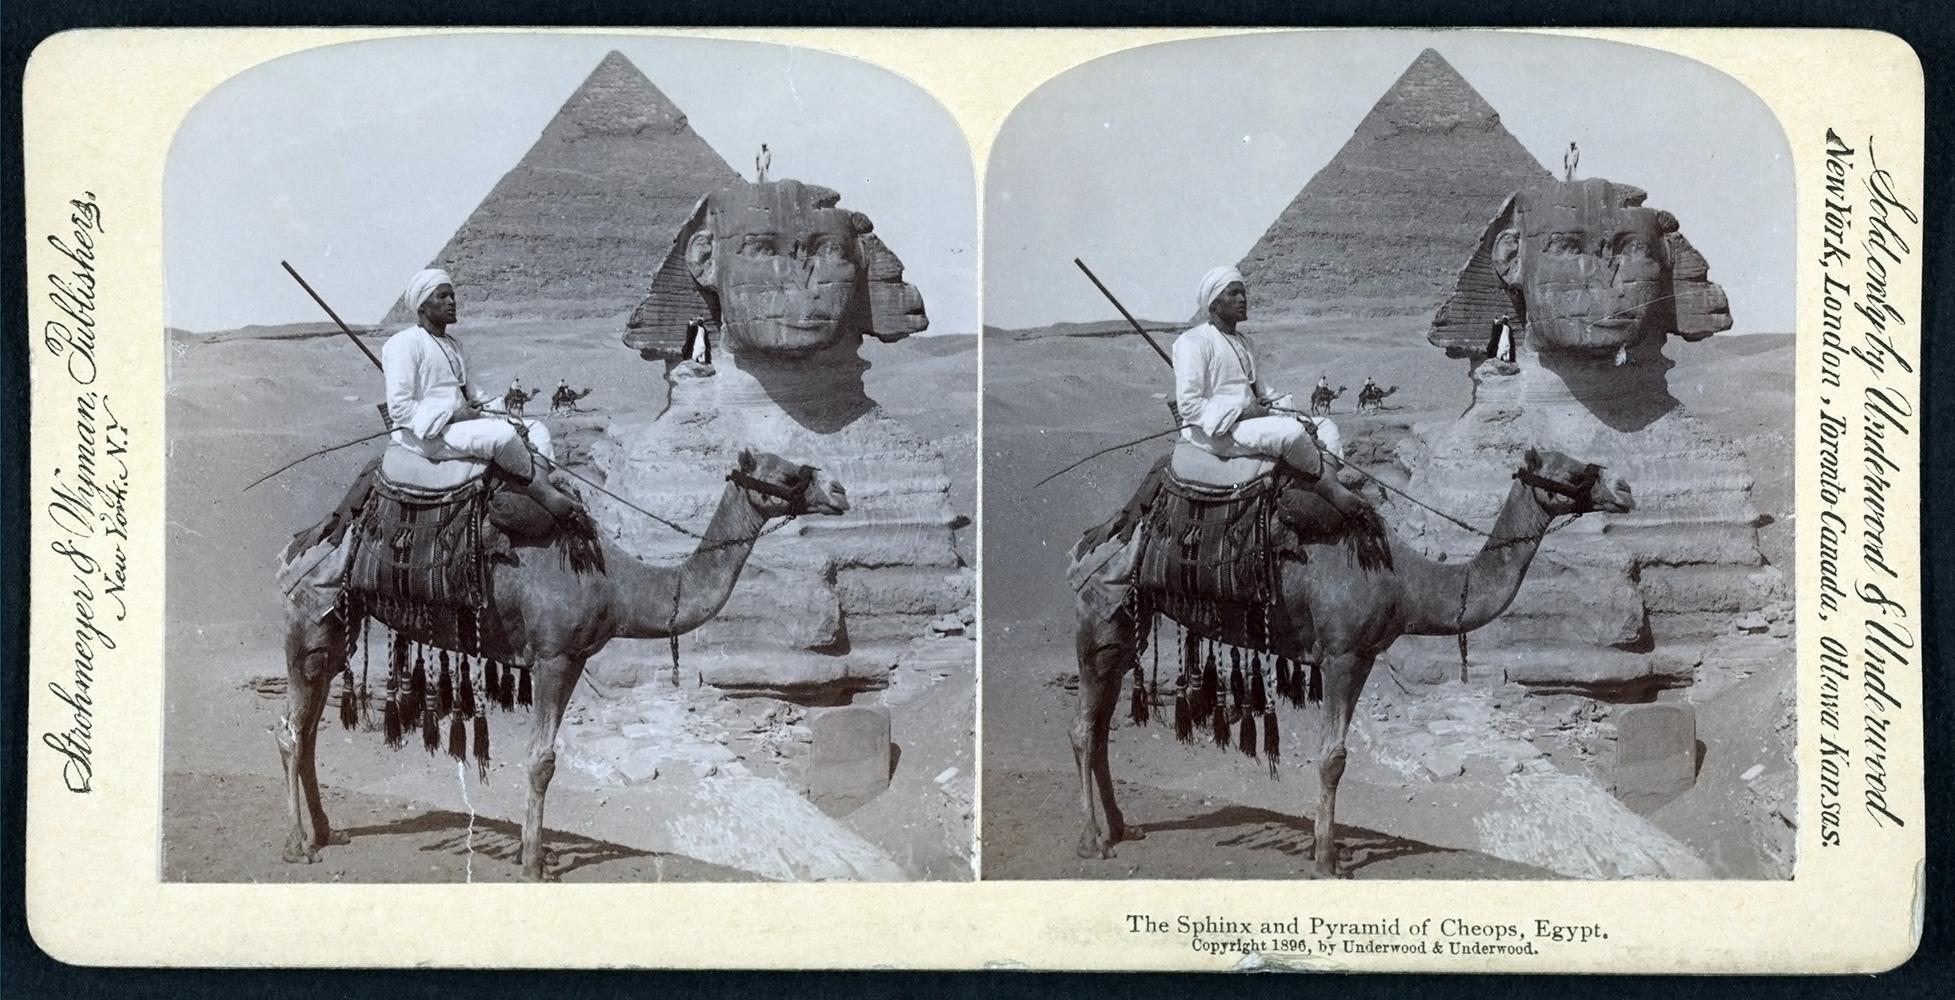 Les mystères du Sphinx